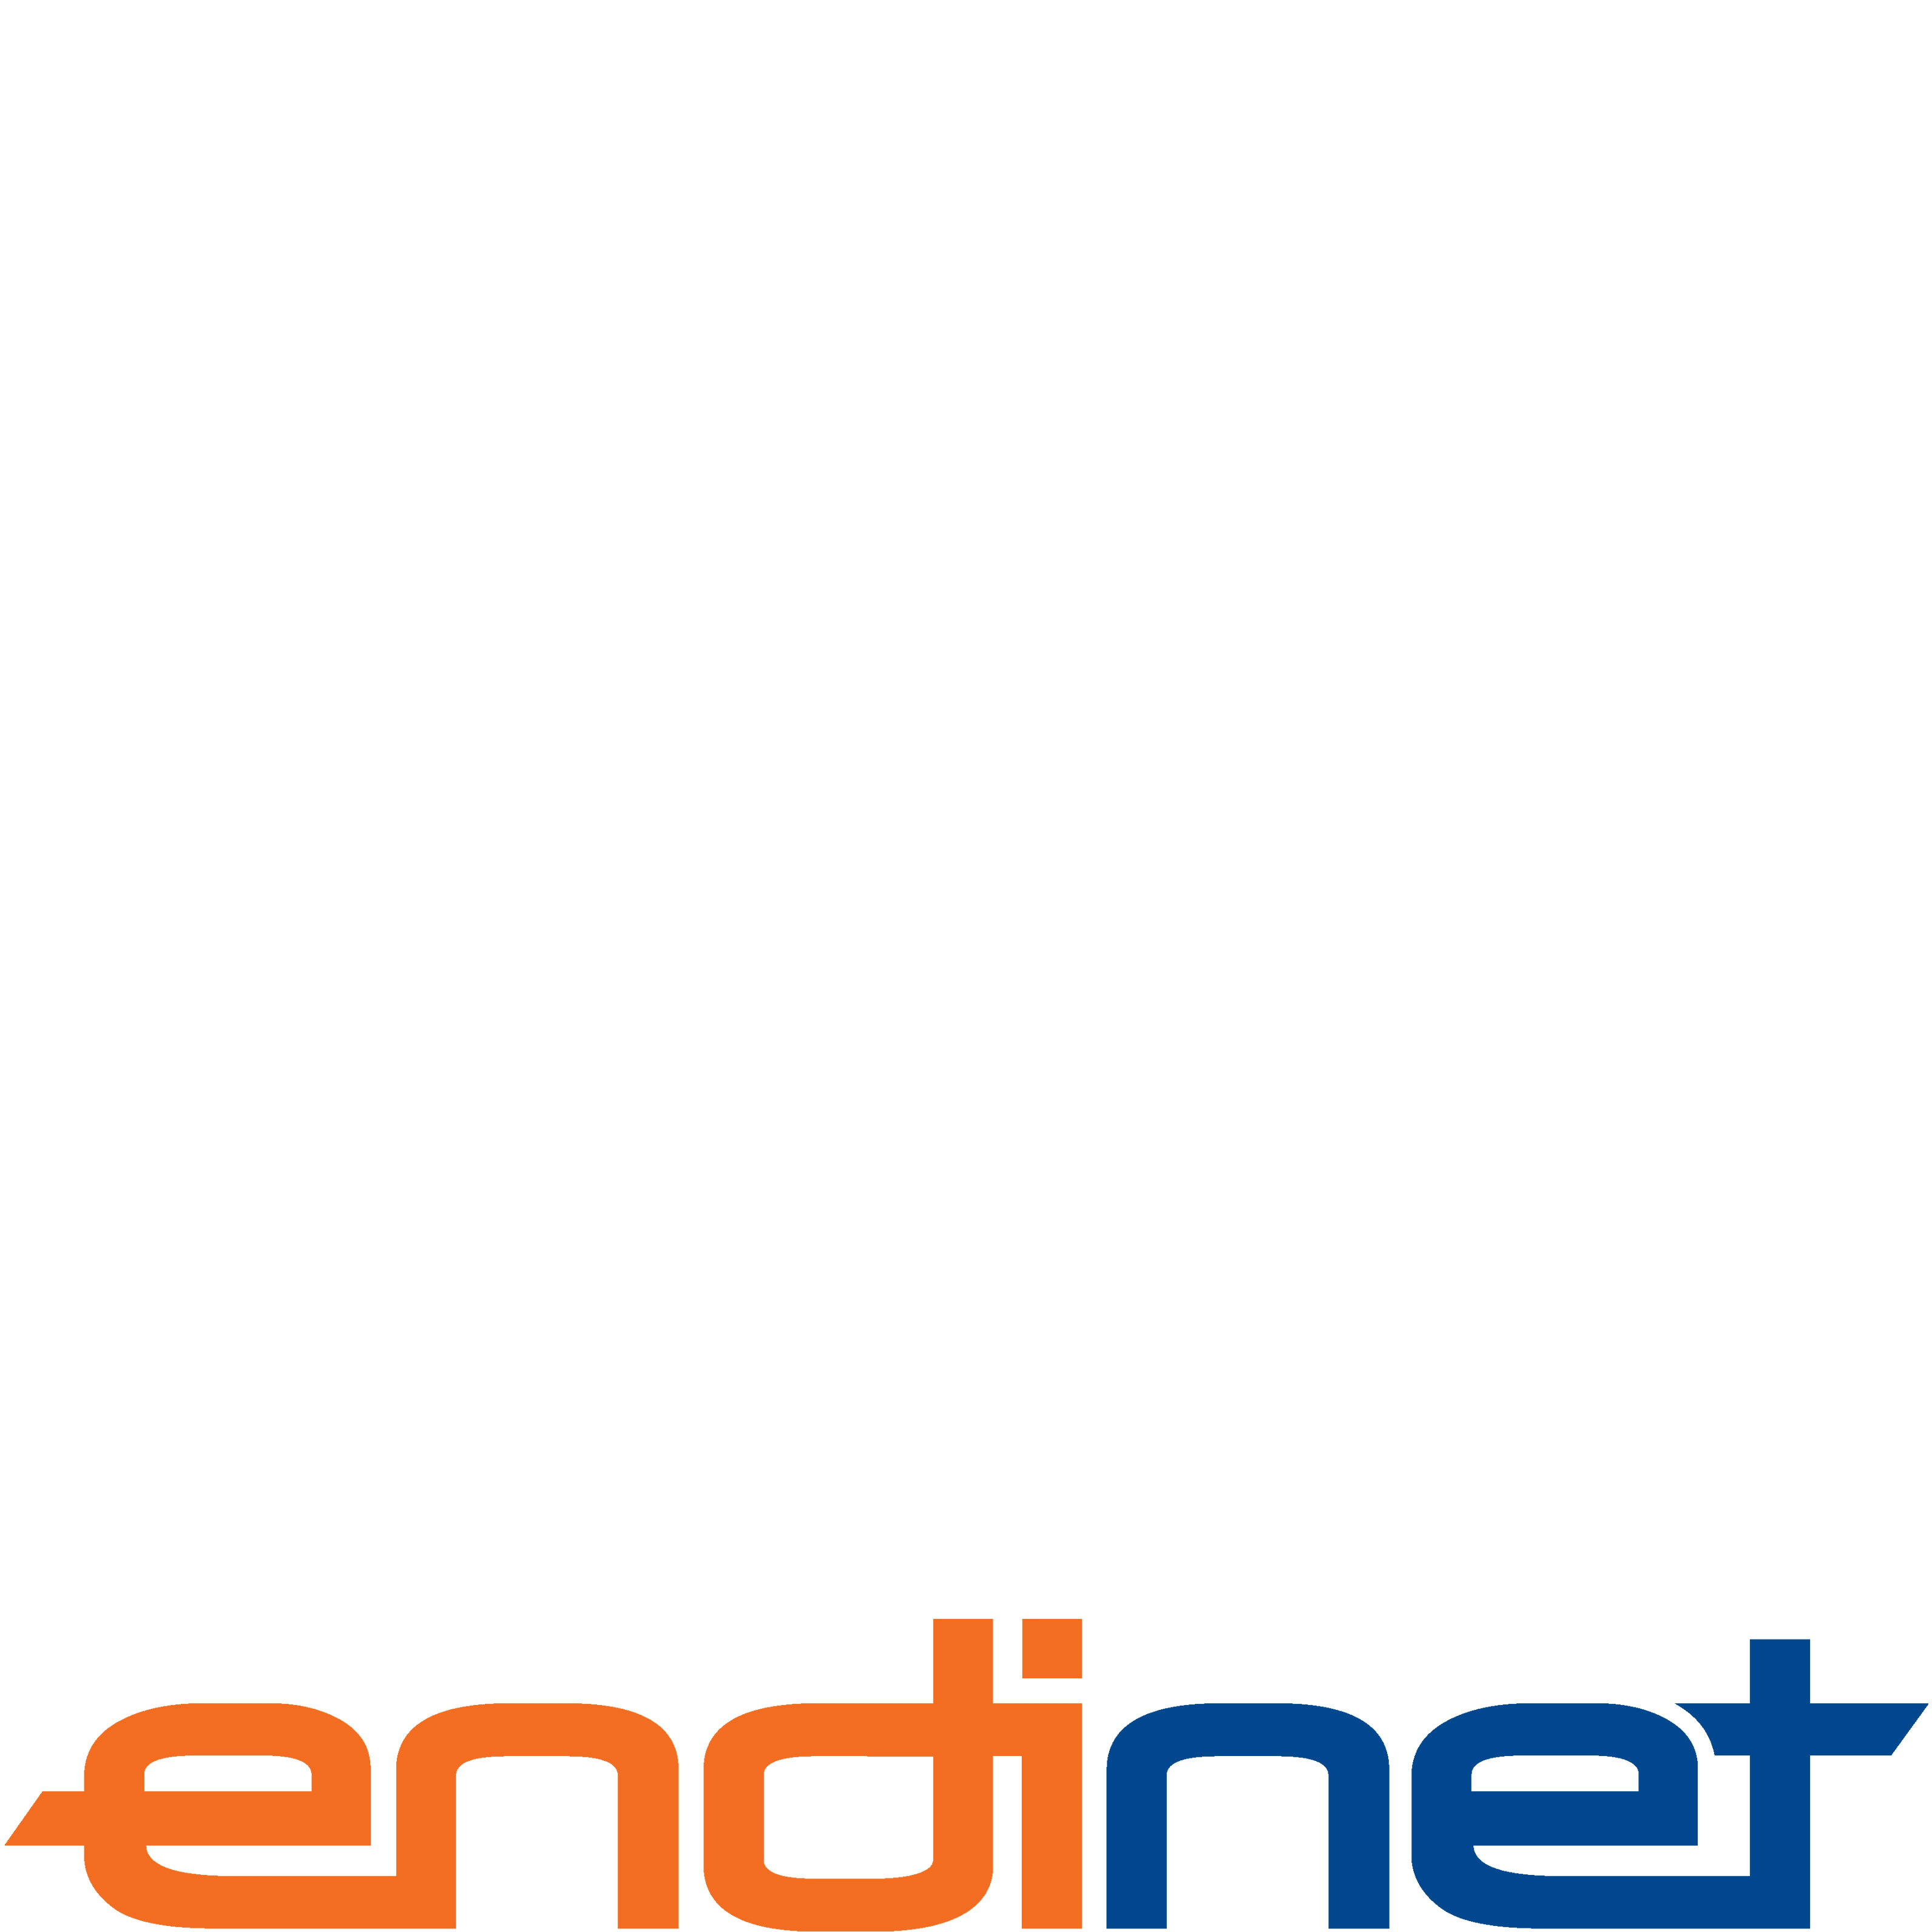 Endinet